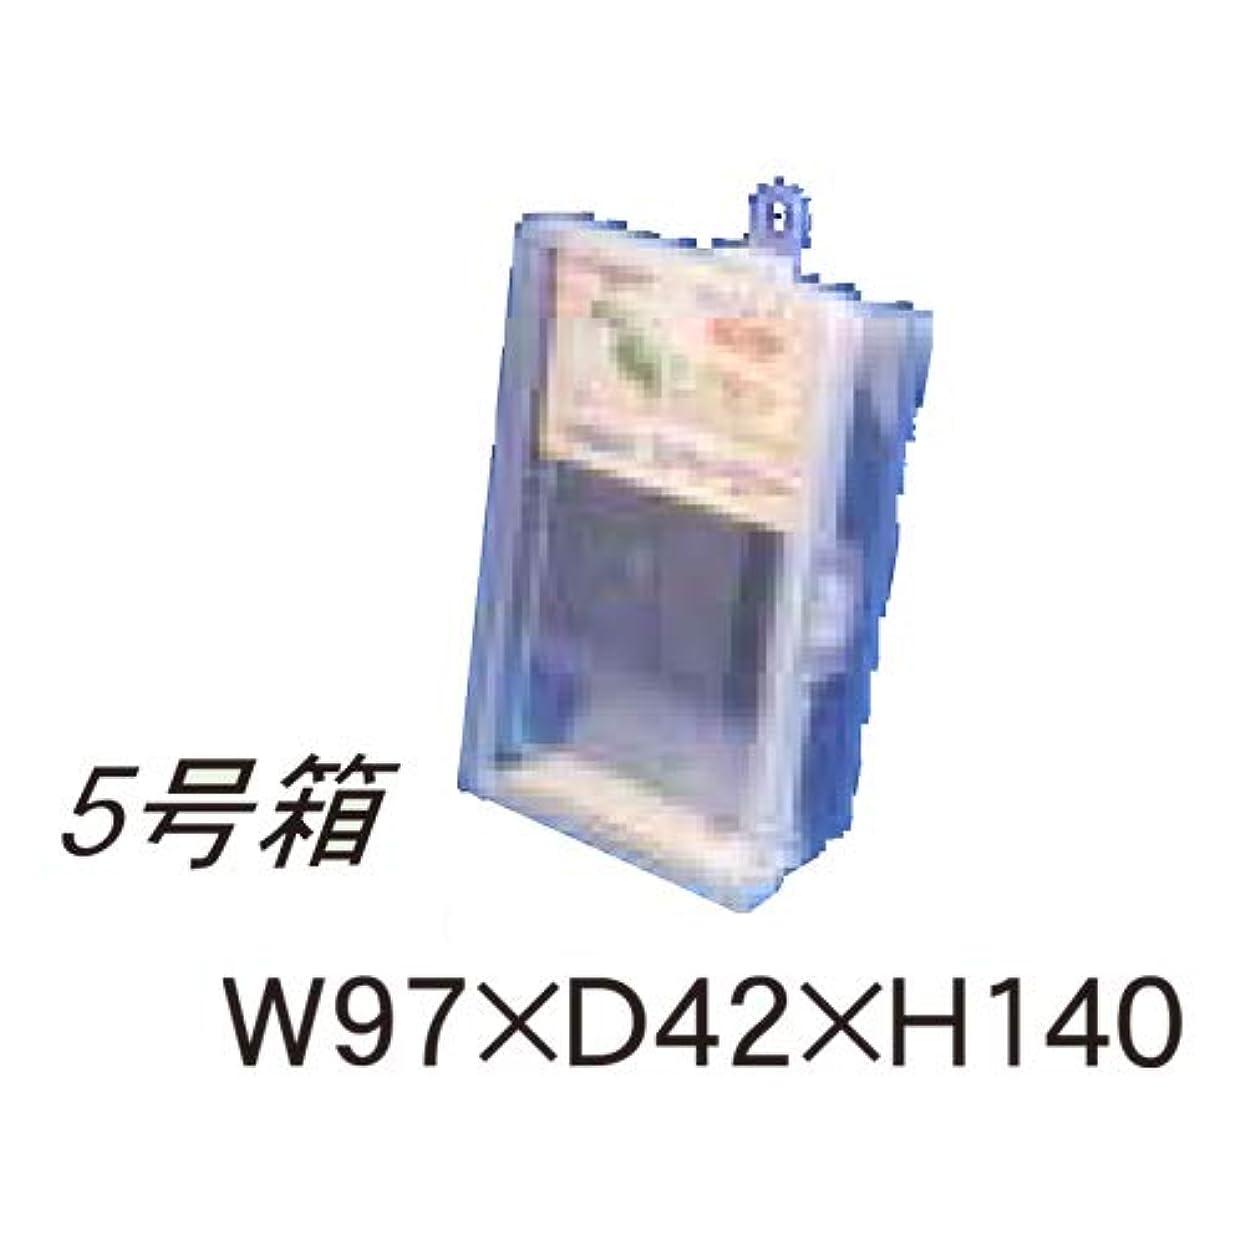 パットセールスマン義務的かさねてスペーサー S-KSX054-NX 40×20 365枚入 5号箱